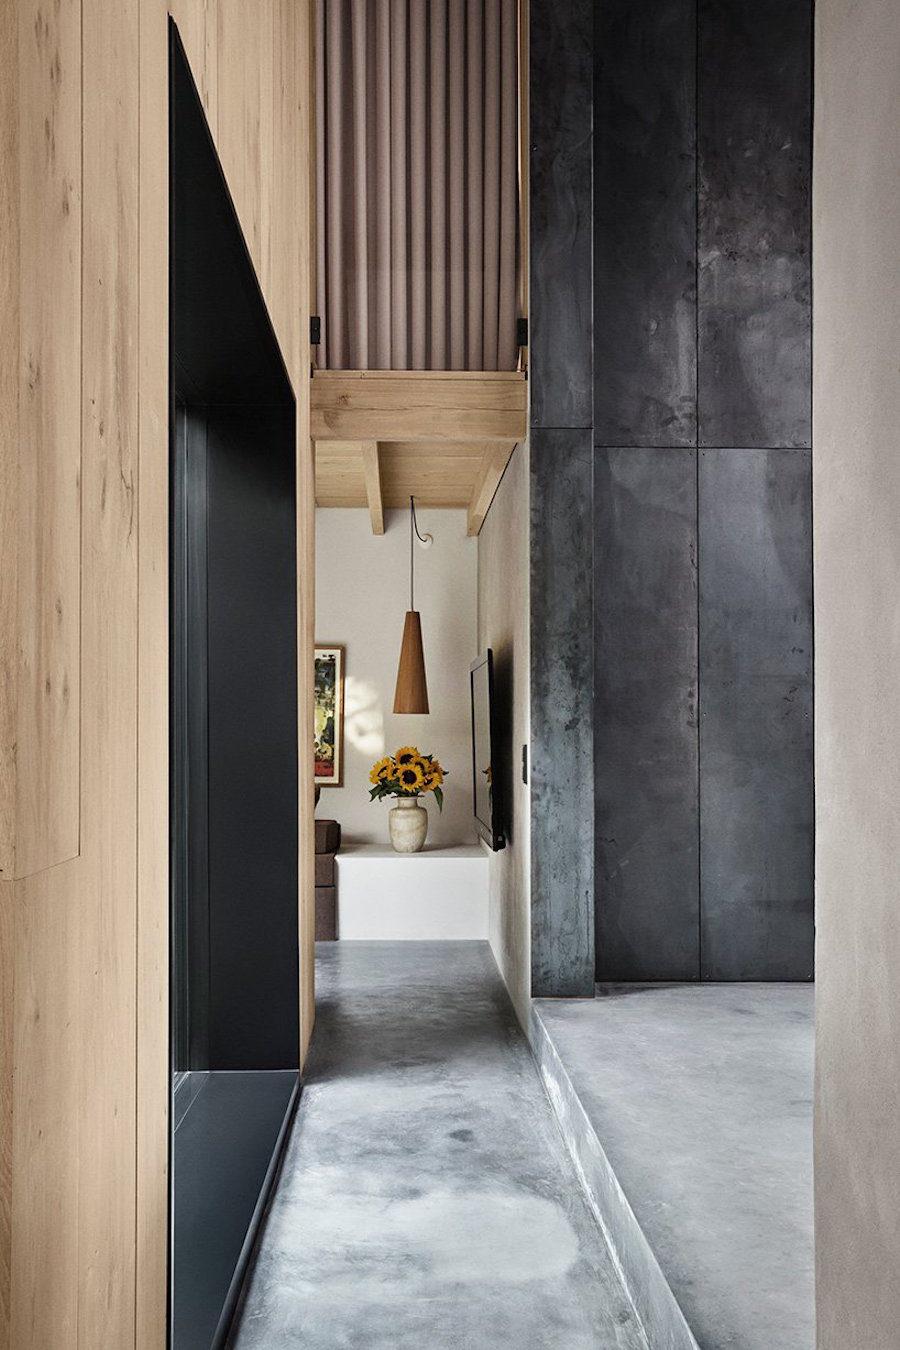 Hemma hos Peter Krasilnikoff, ritat av Studio David Thulstrup.